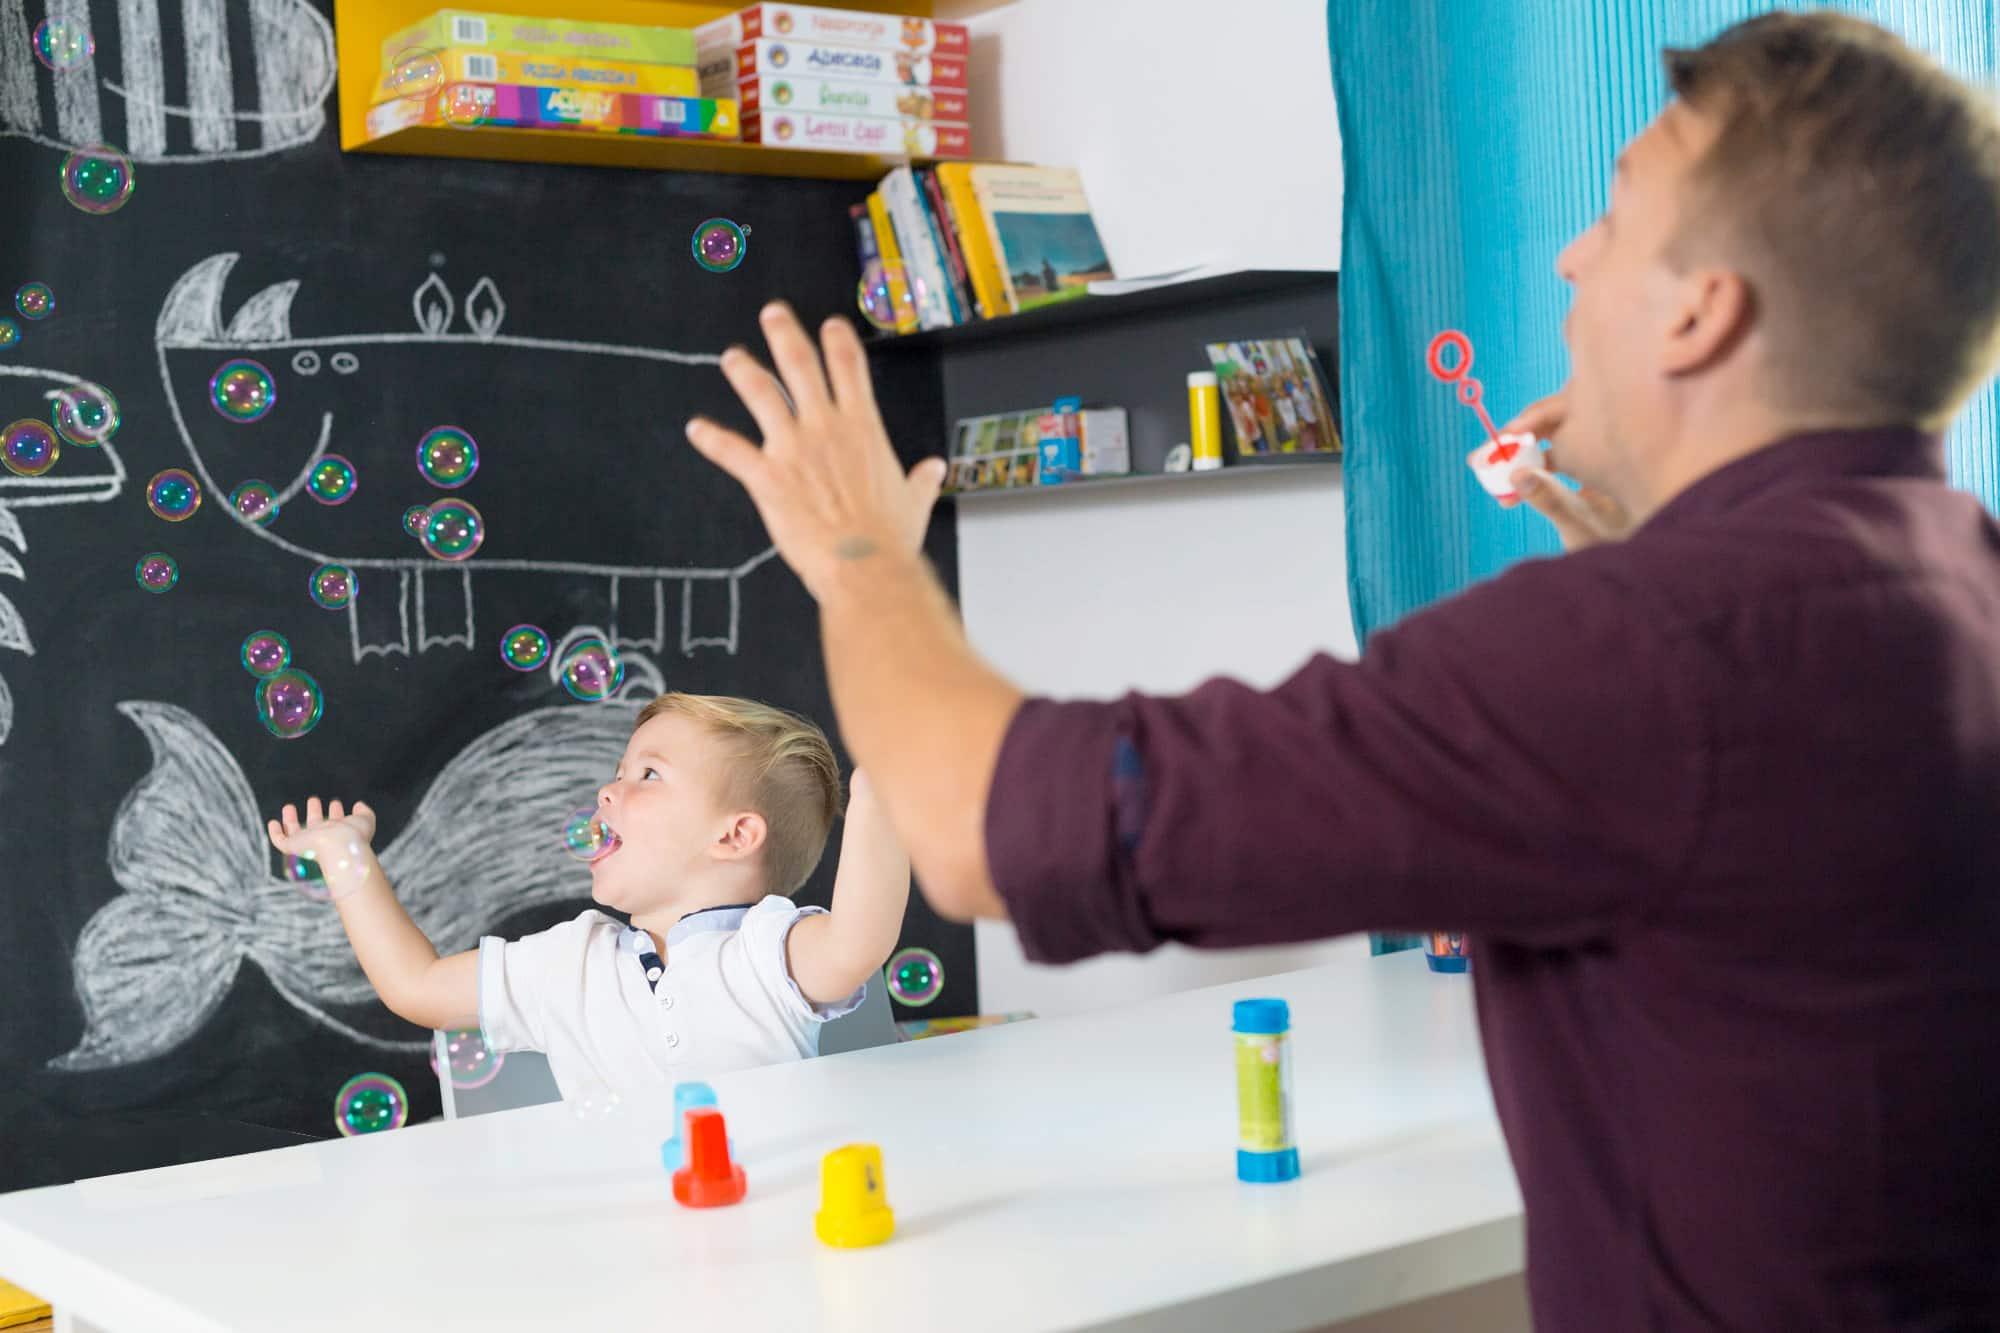 Çocuklarda Konuşma ve Dil Sorunları: Nasıl Yardım Edebilirsiniz?